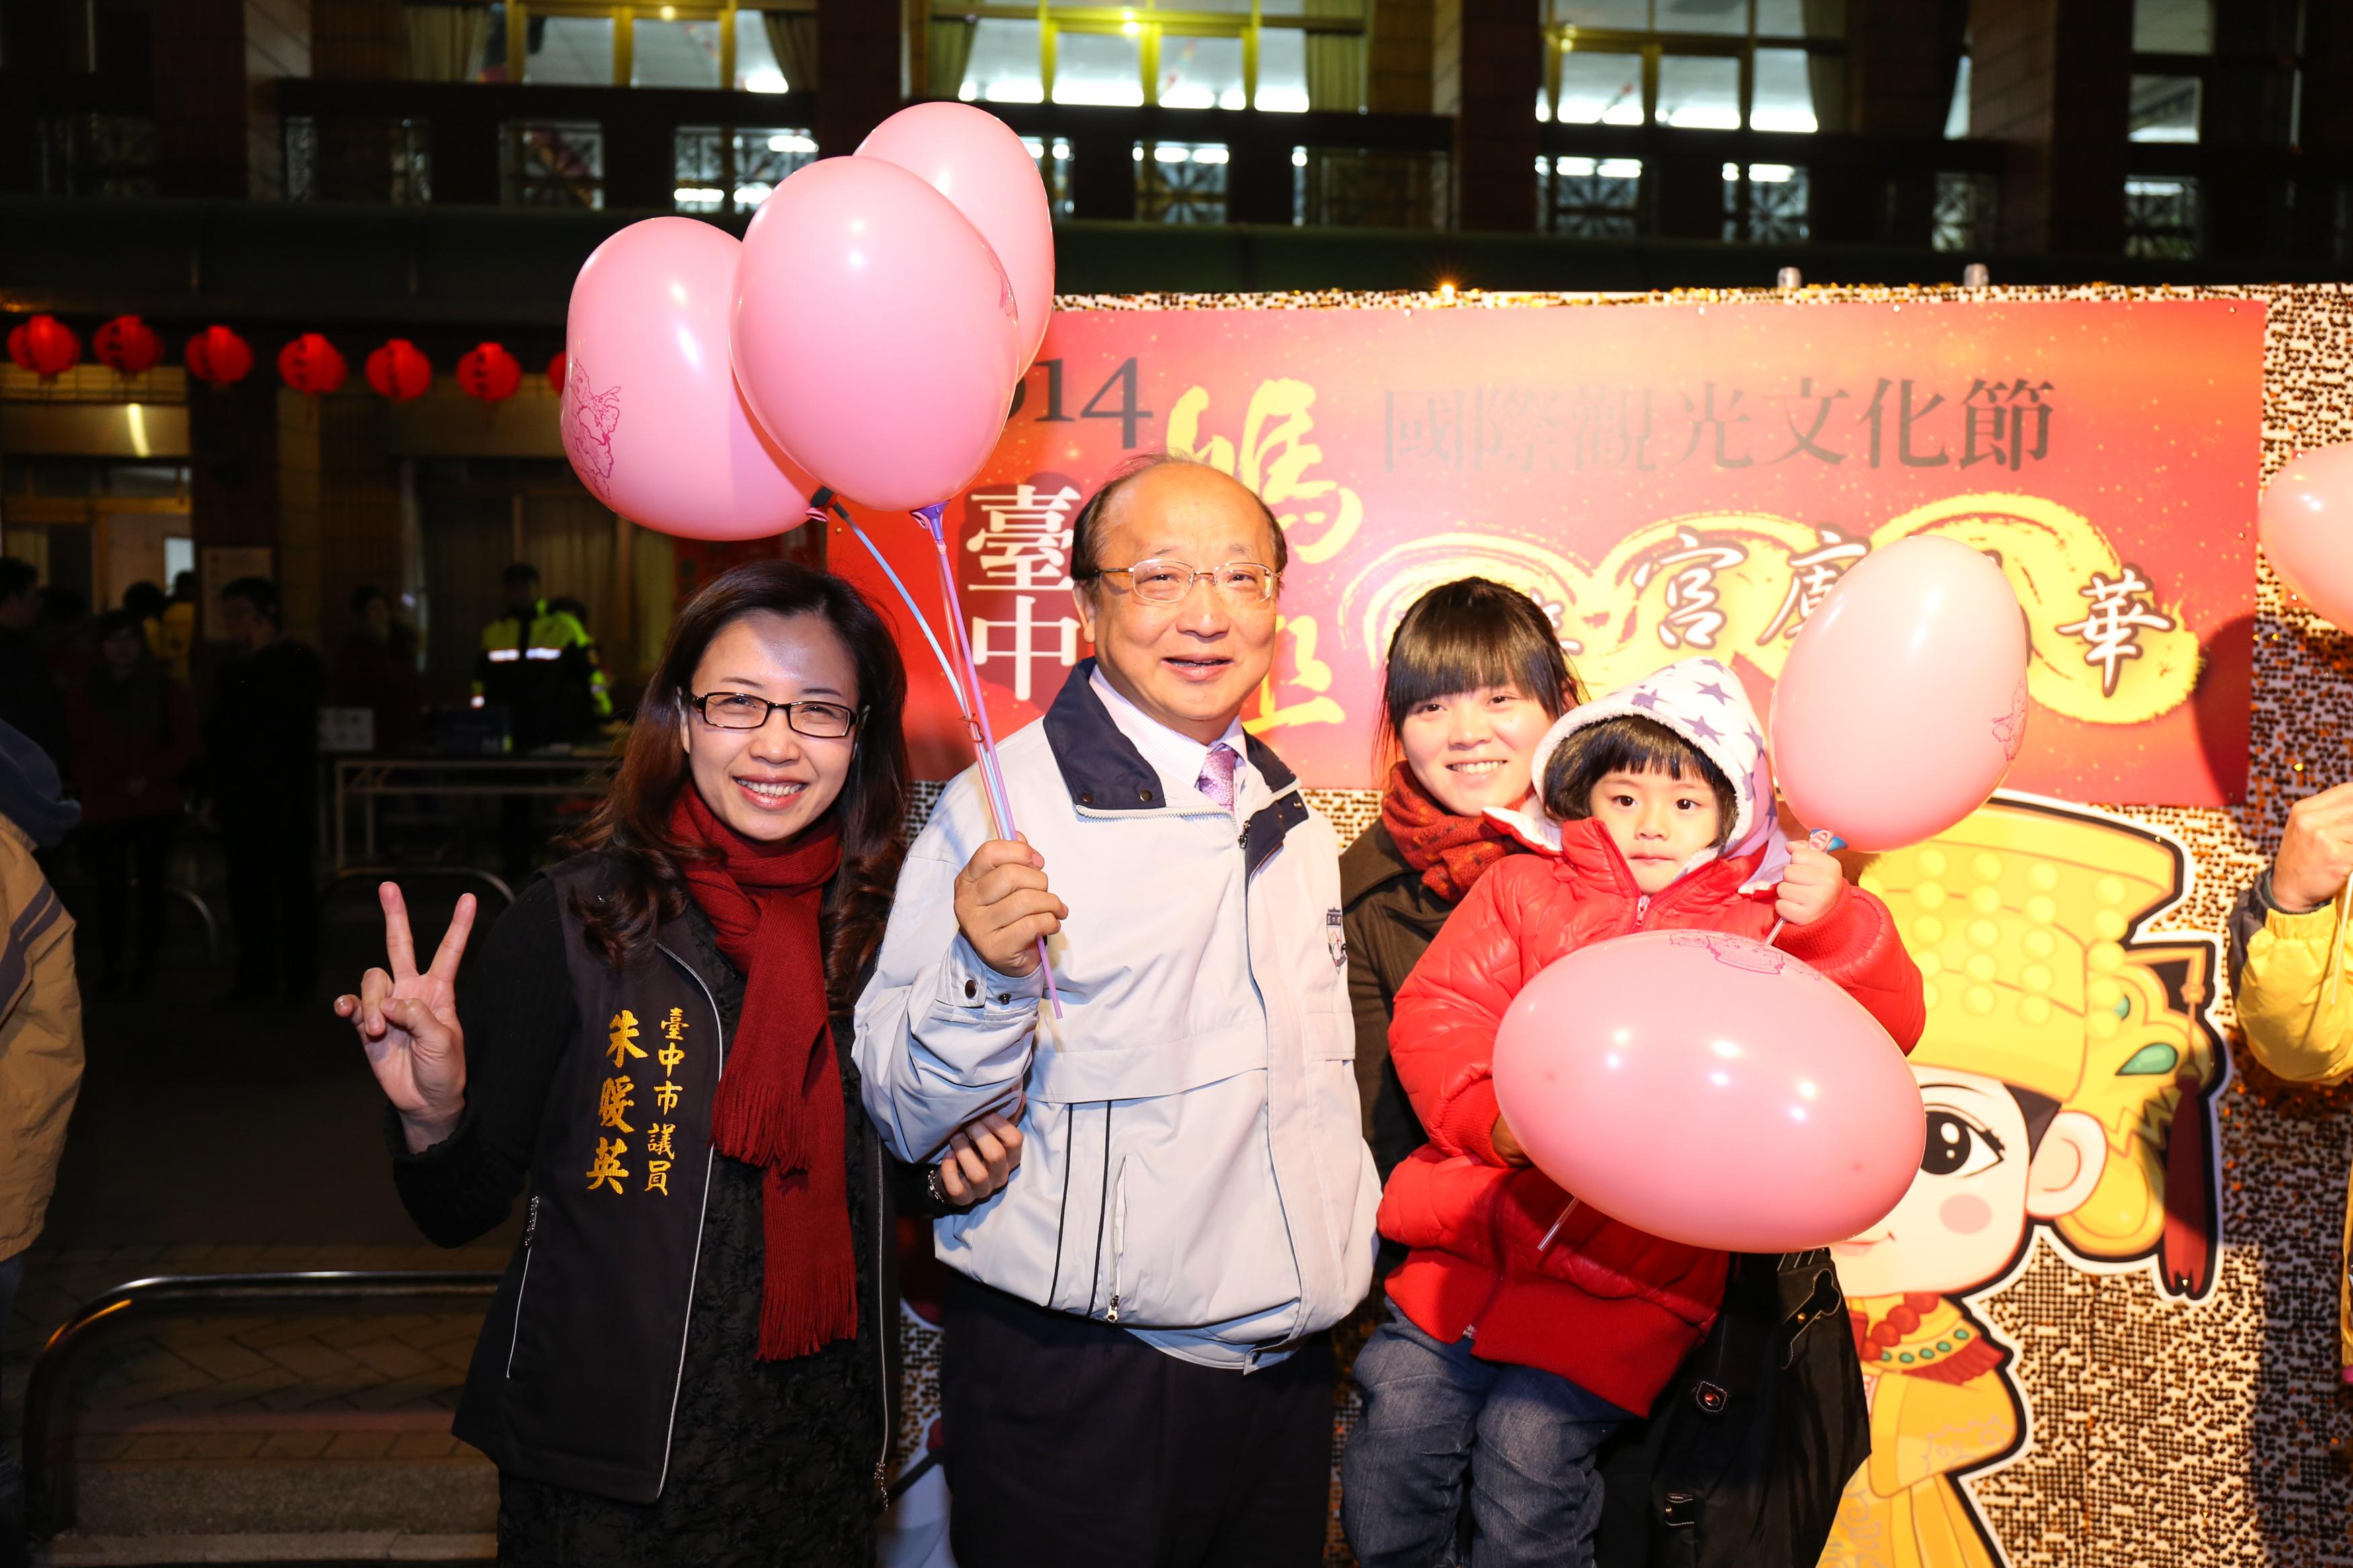 台中媽祖國際觀光文化節在萬和宮,台中婚錄推薦5